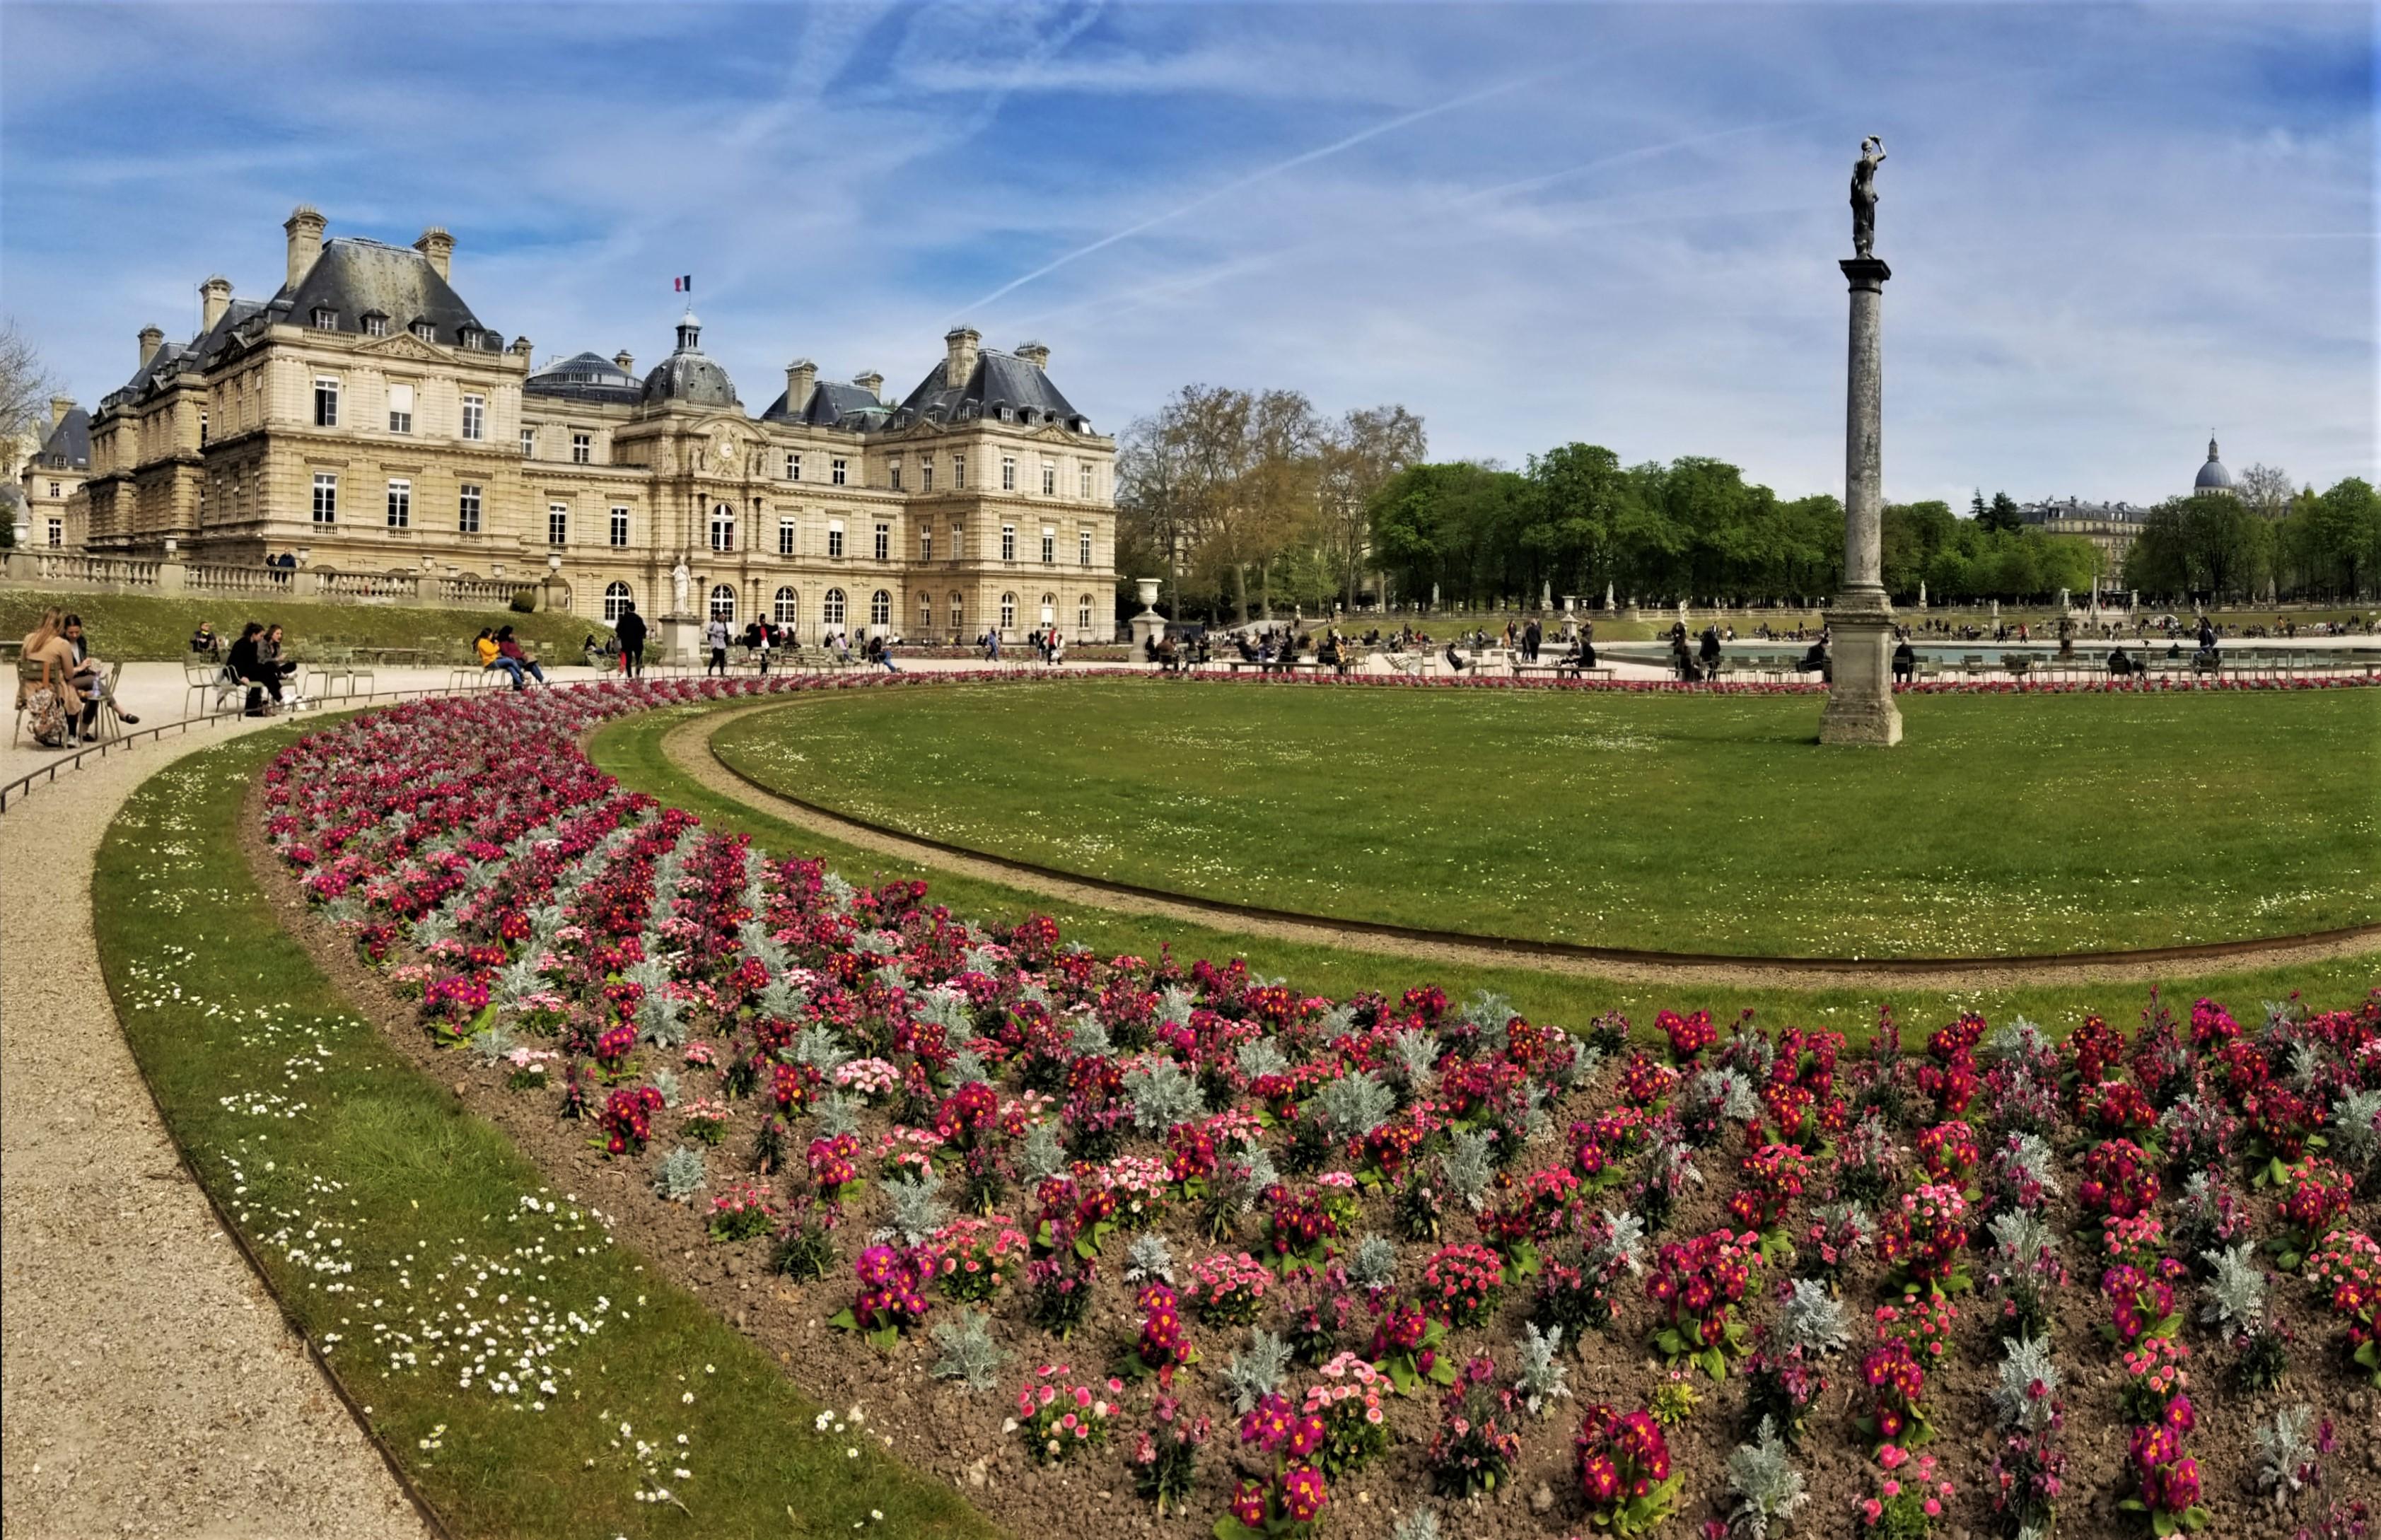 Luxemburg Gardens